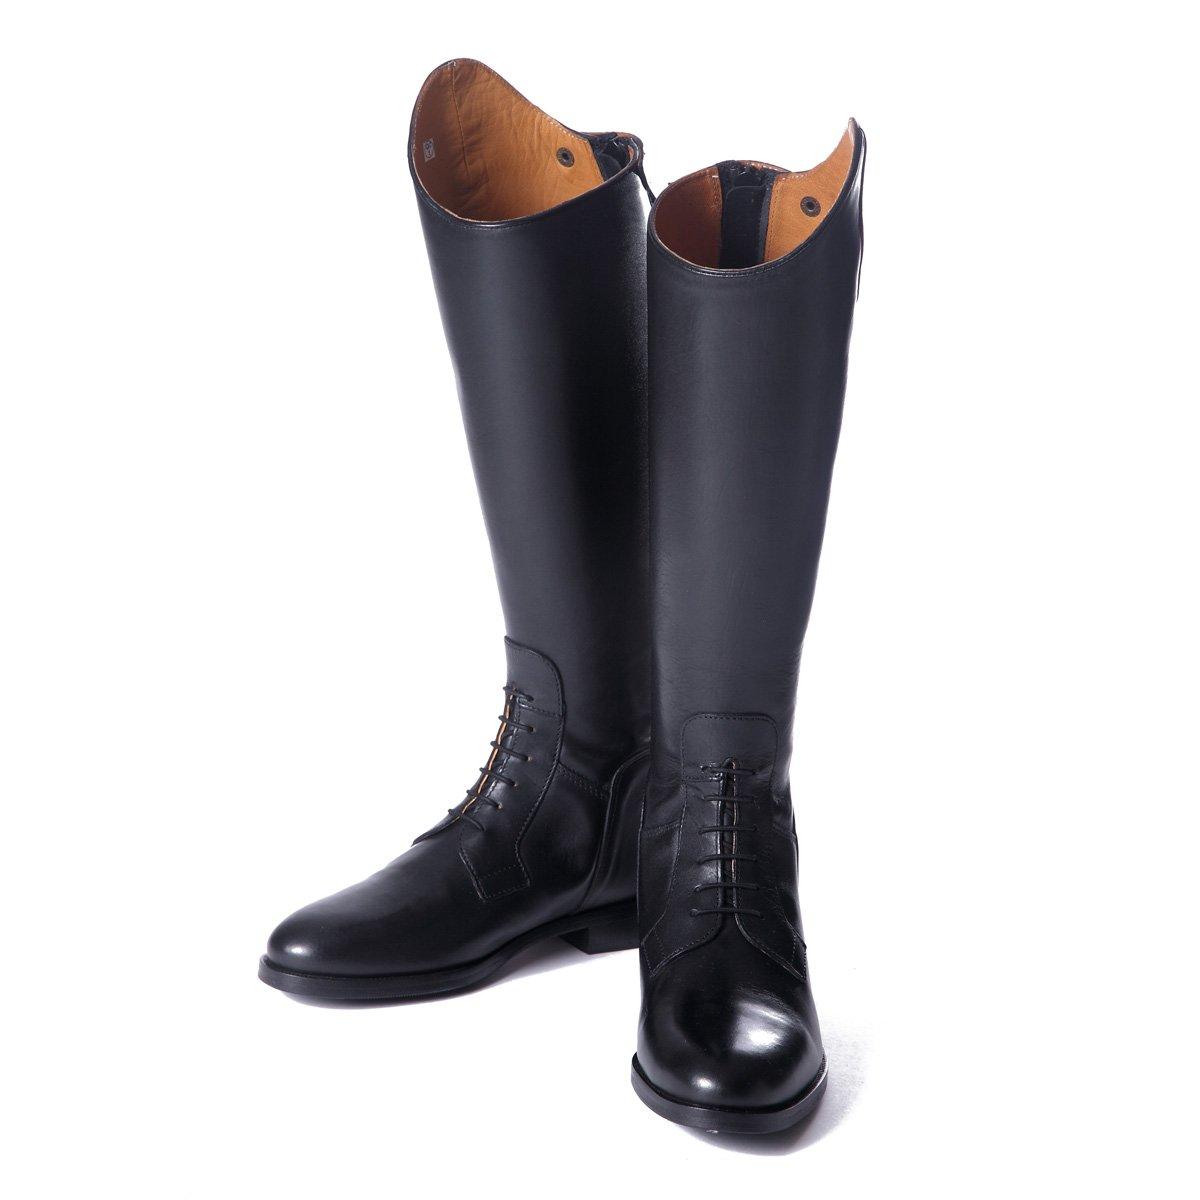 Shires Norfolk Field lang Leder Stiefel Reitstiefel mit mit mit Schwarz Geschnürt Regular a7b991